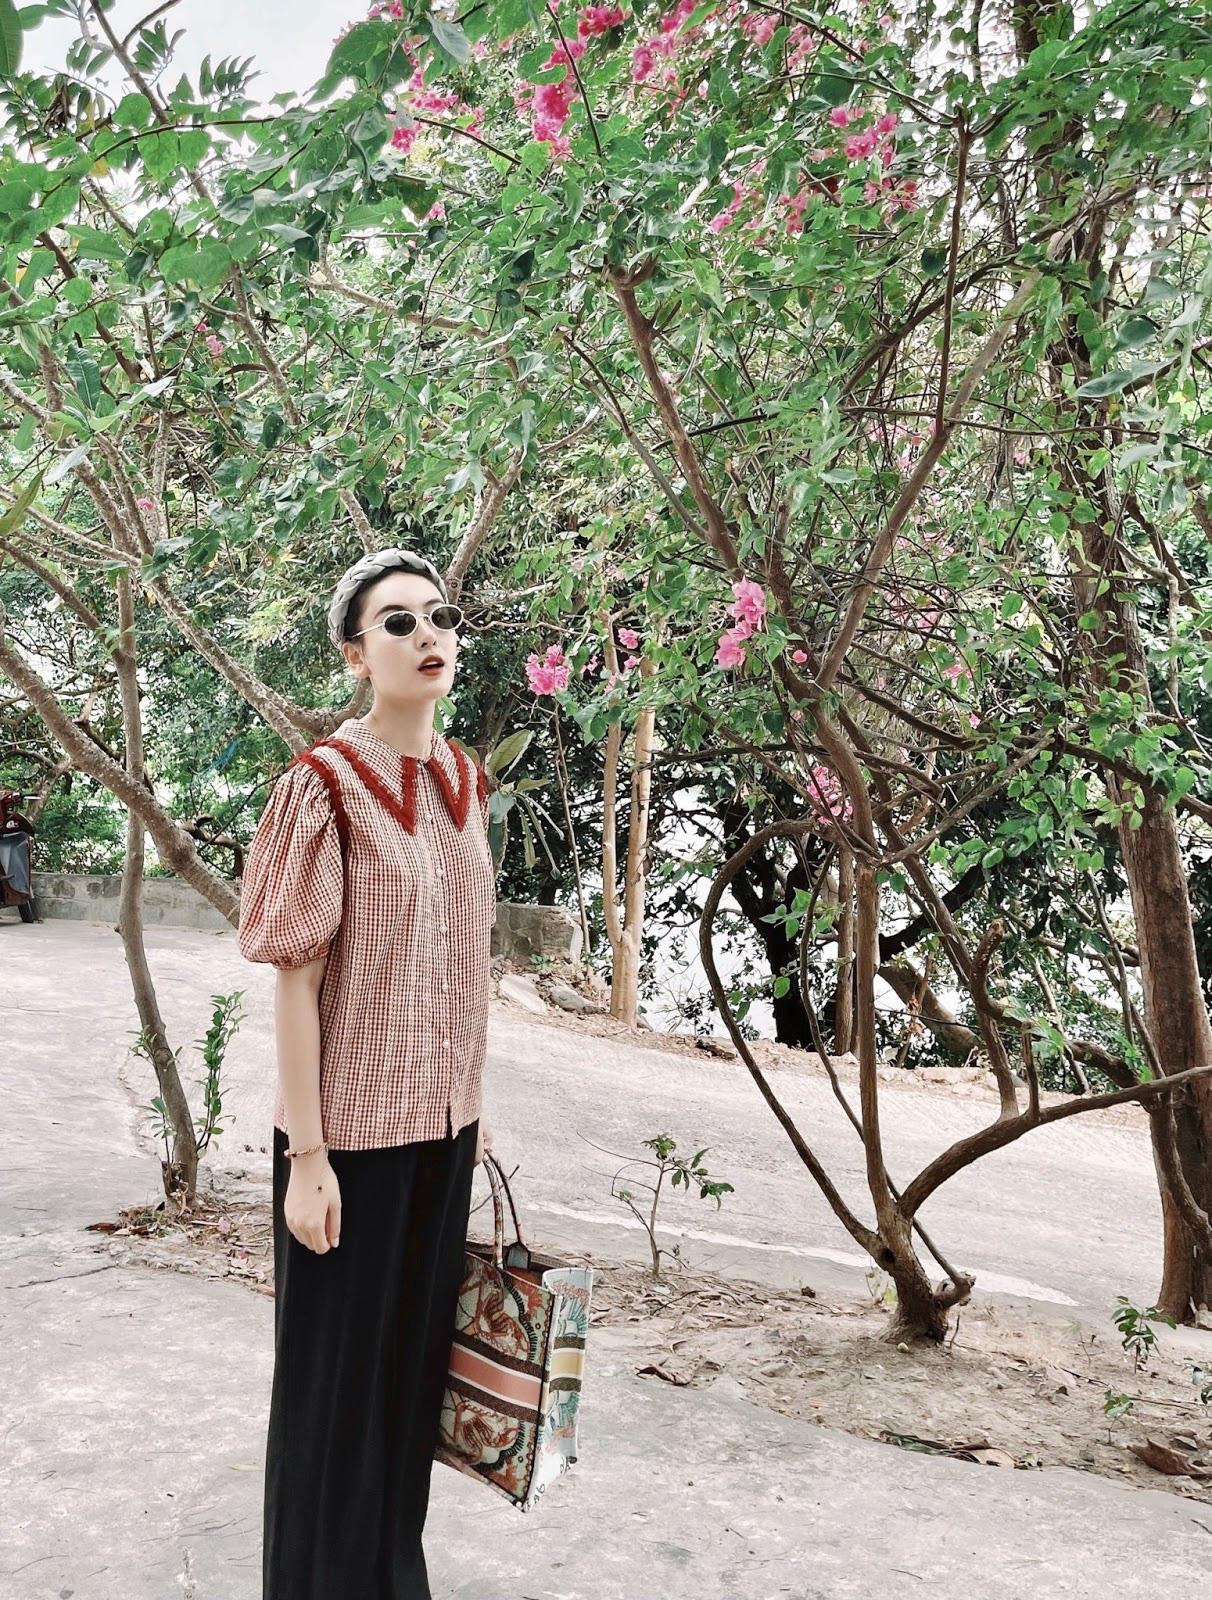 Leenaa clothing gợi ý 7 outfit xuân-hè ngọt ngào tươi mới gây sốt trong năm nay - Ảnh 1.